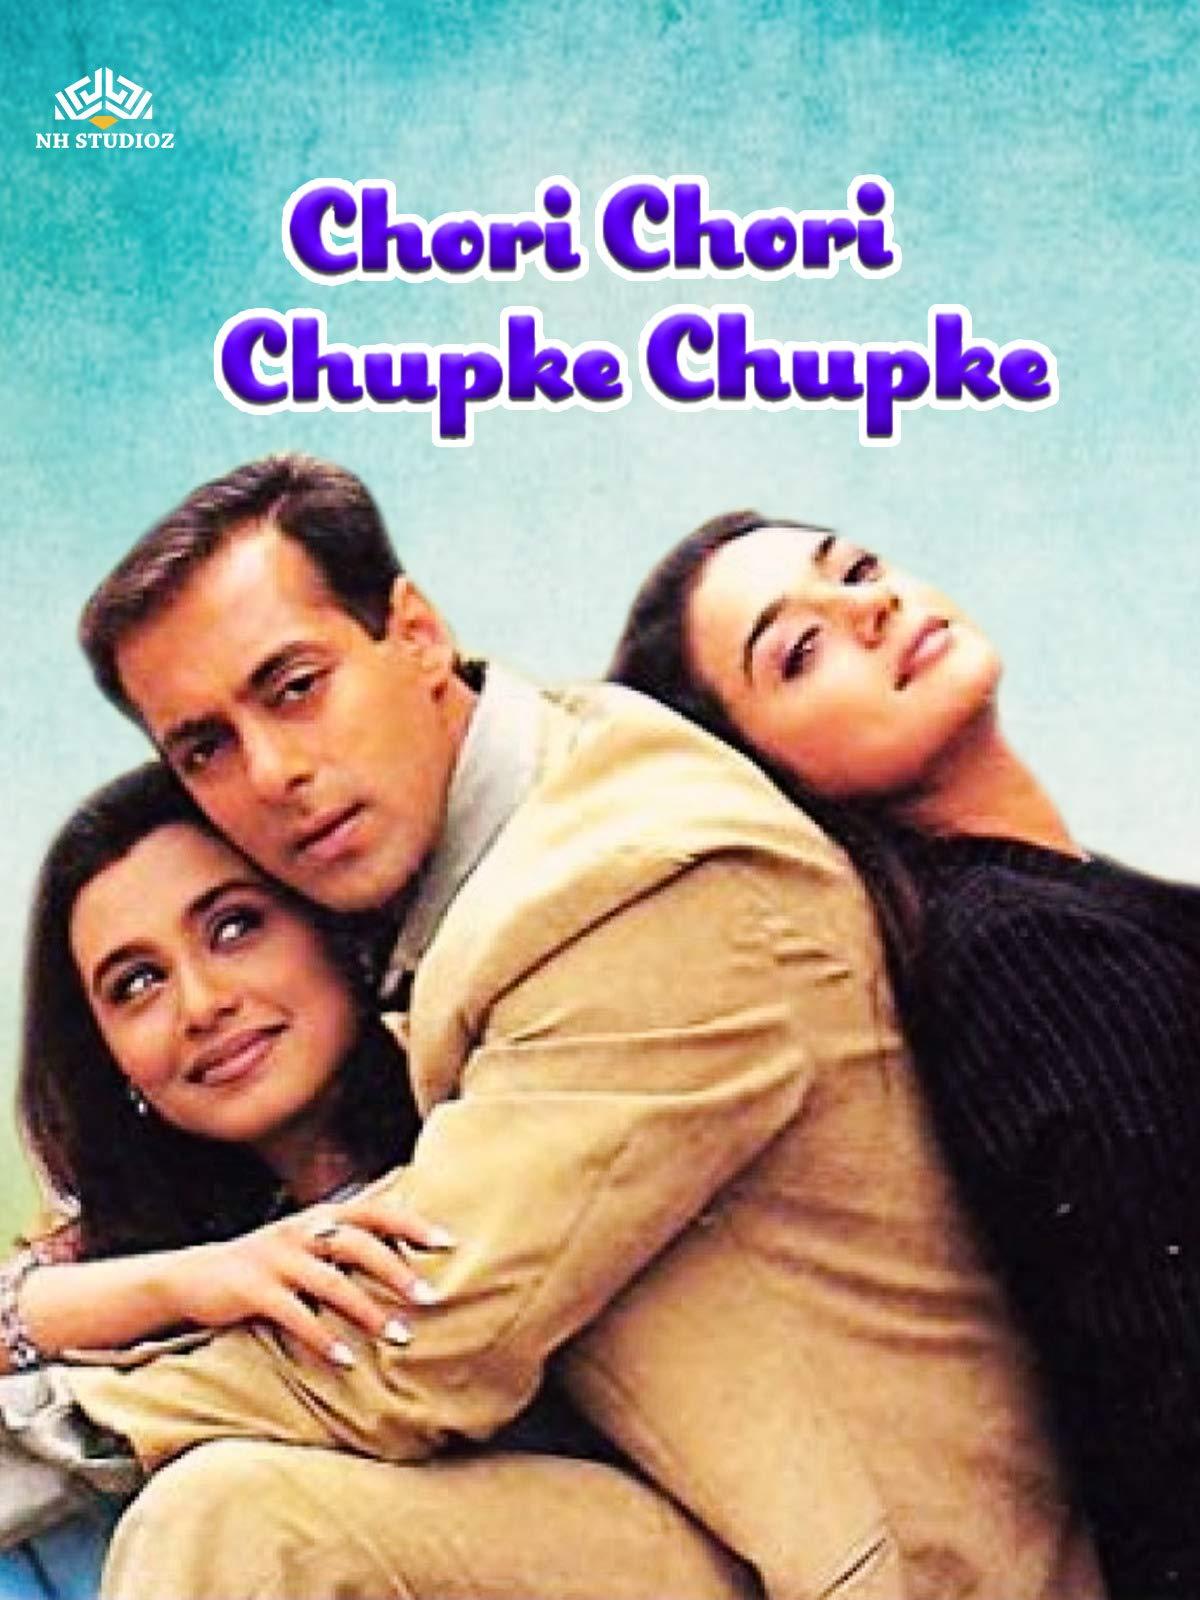 Chori Chori Chupke Chupke 2001